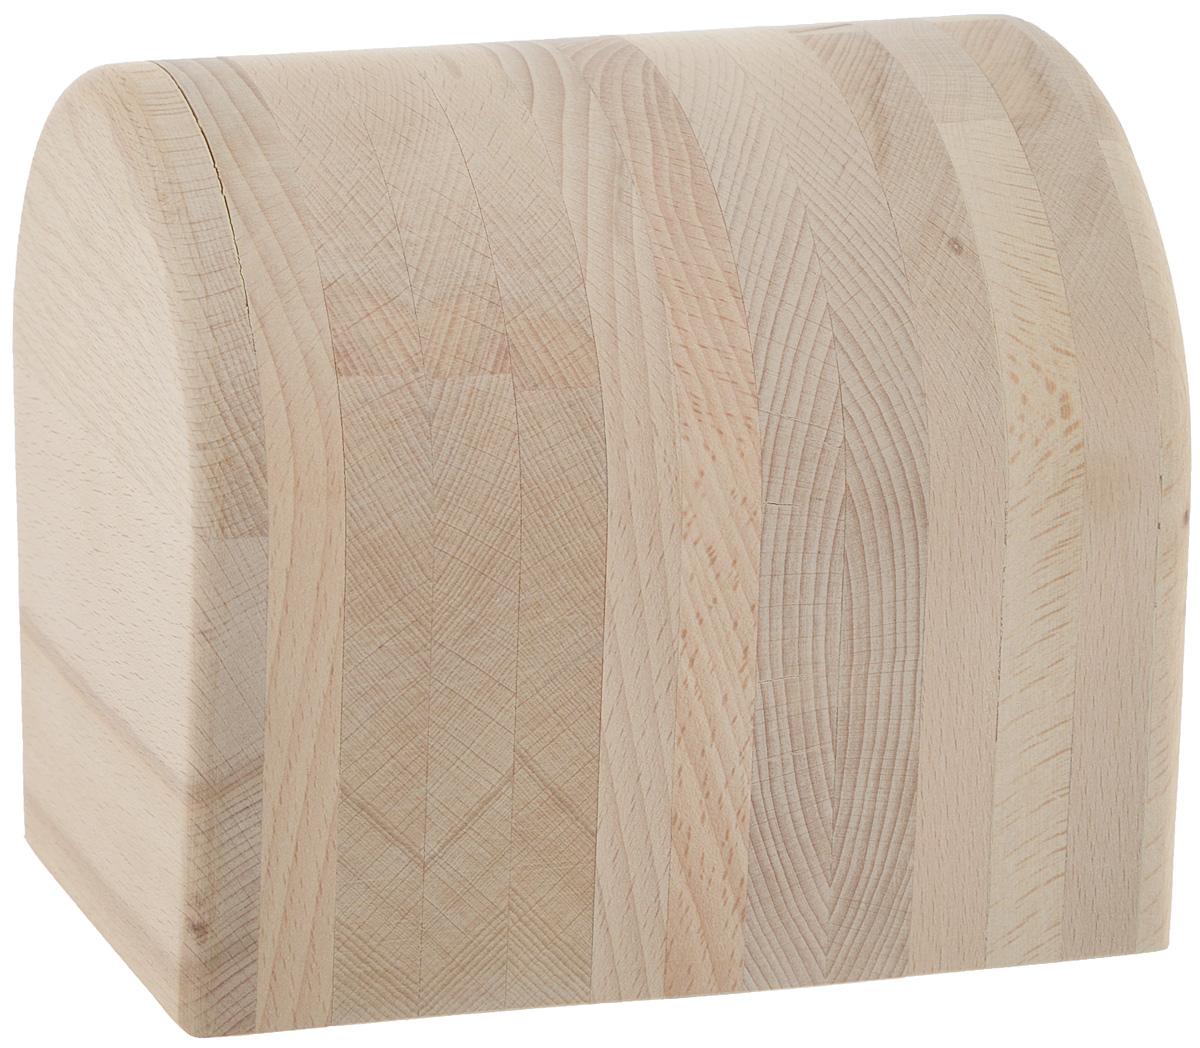 Колодка портновская Окат мужской. OK11520GC204/30Портновская колодка Окат мужской подходит для глажки манжет, плечевых швов и оката рукава. Изделие выполнено из древесины бука. Влажно-тепловая обработка имеет большое значение в улучшении качества швейных изделий и их внешнего вида. Даже кривую строчку в некоторых случаях можно исправить утюгом. Колодка облегчит утюжку в труднодоступных для утюга местах. Кроме того, твердое холодное дерево быстро впитывает пар и охлаждает ткань, способствуя закреплению формы.